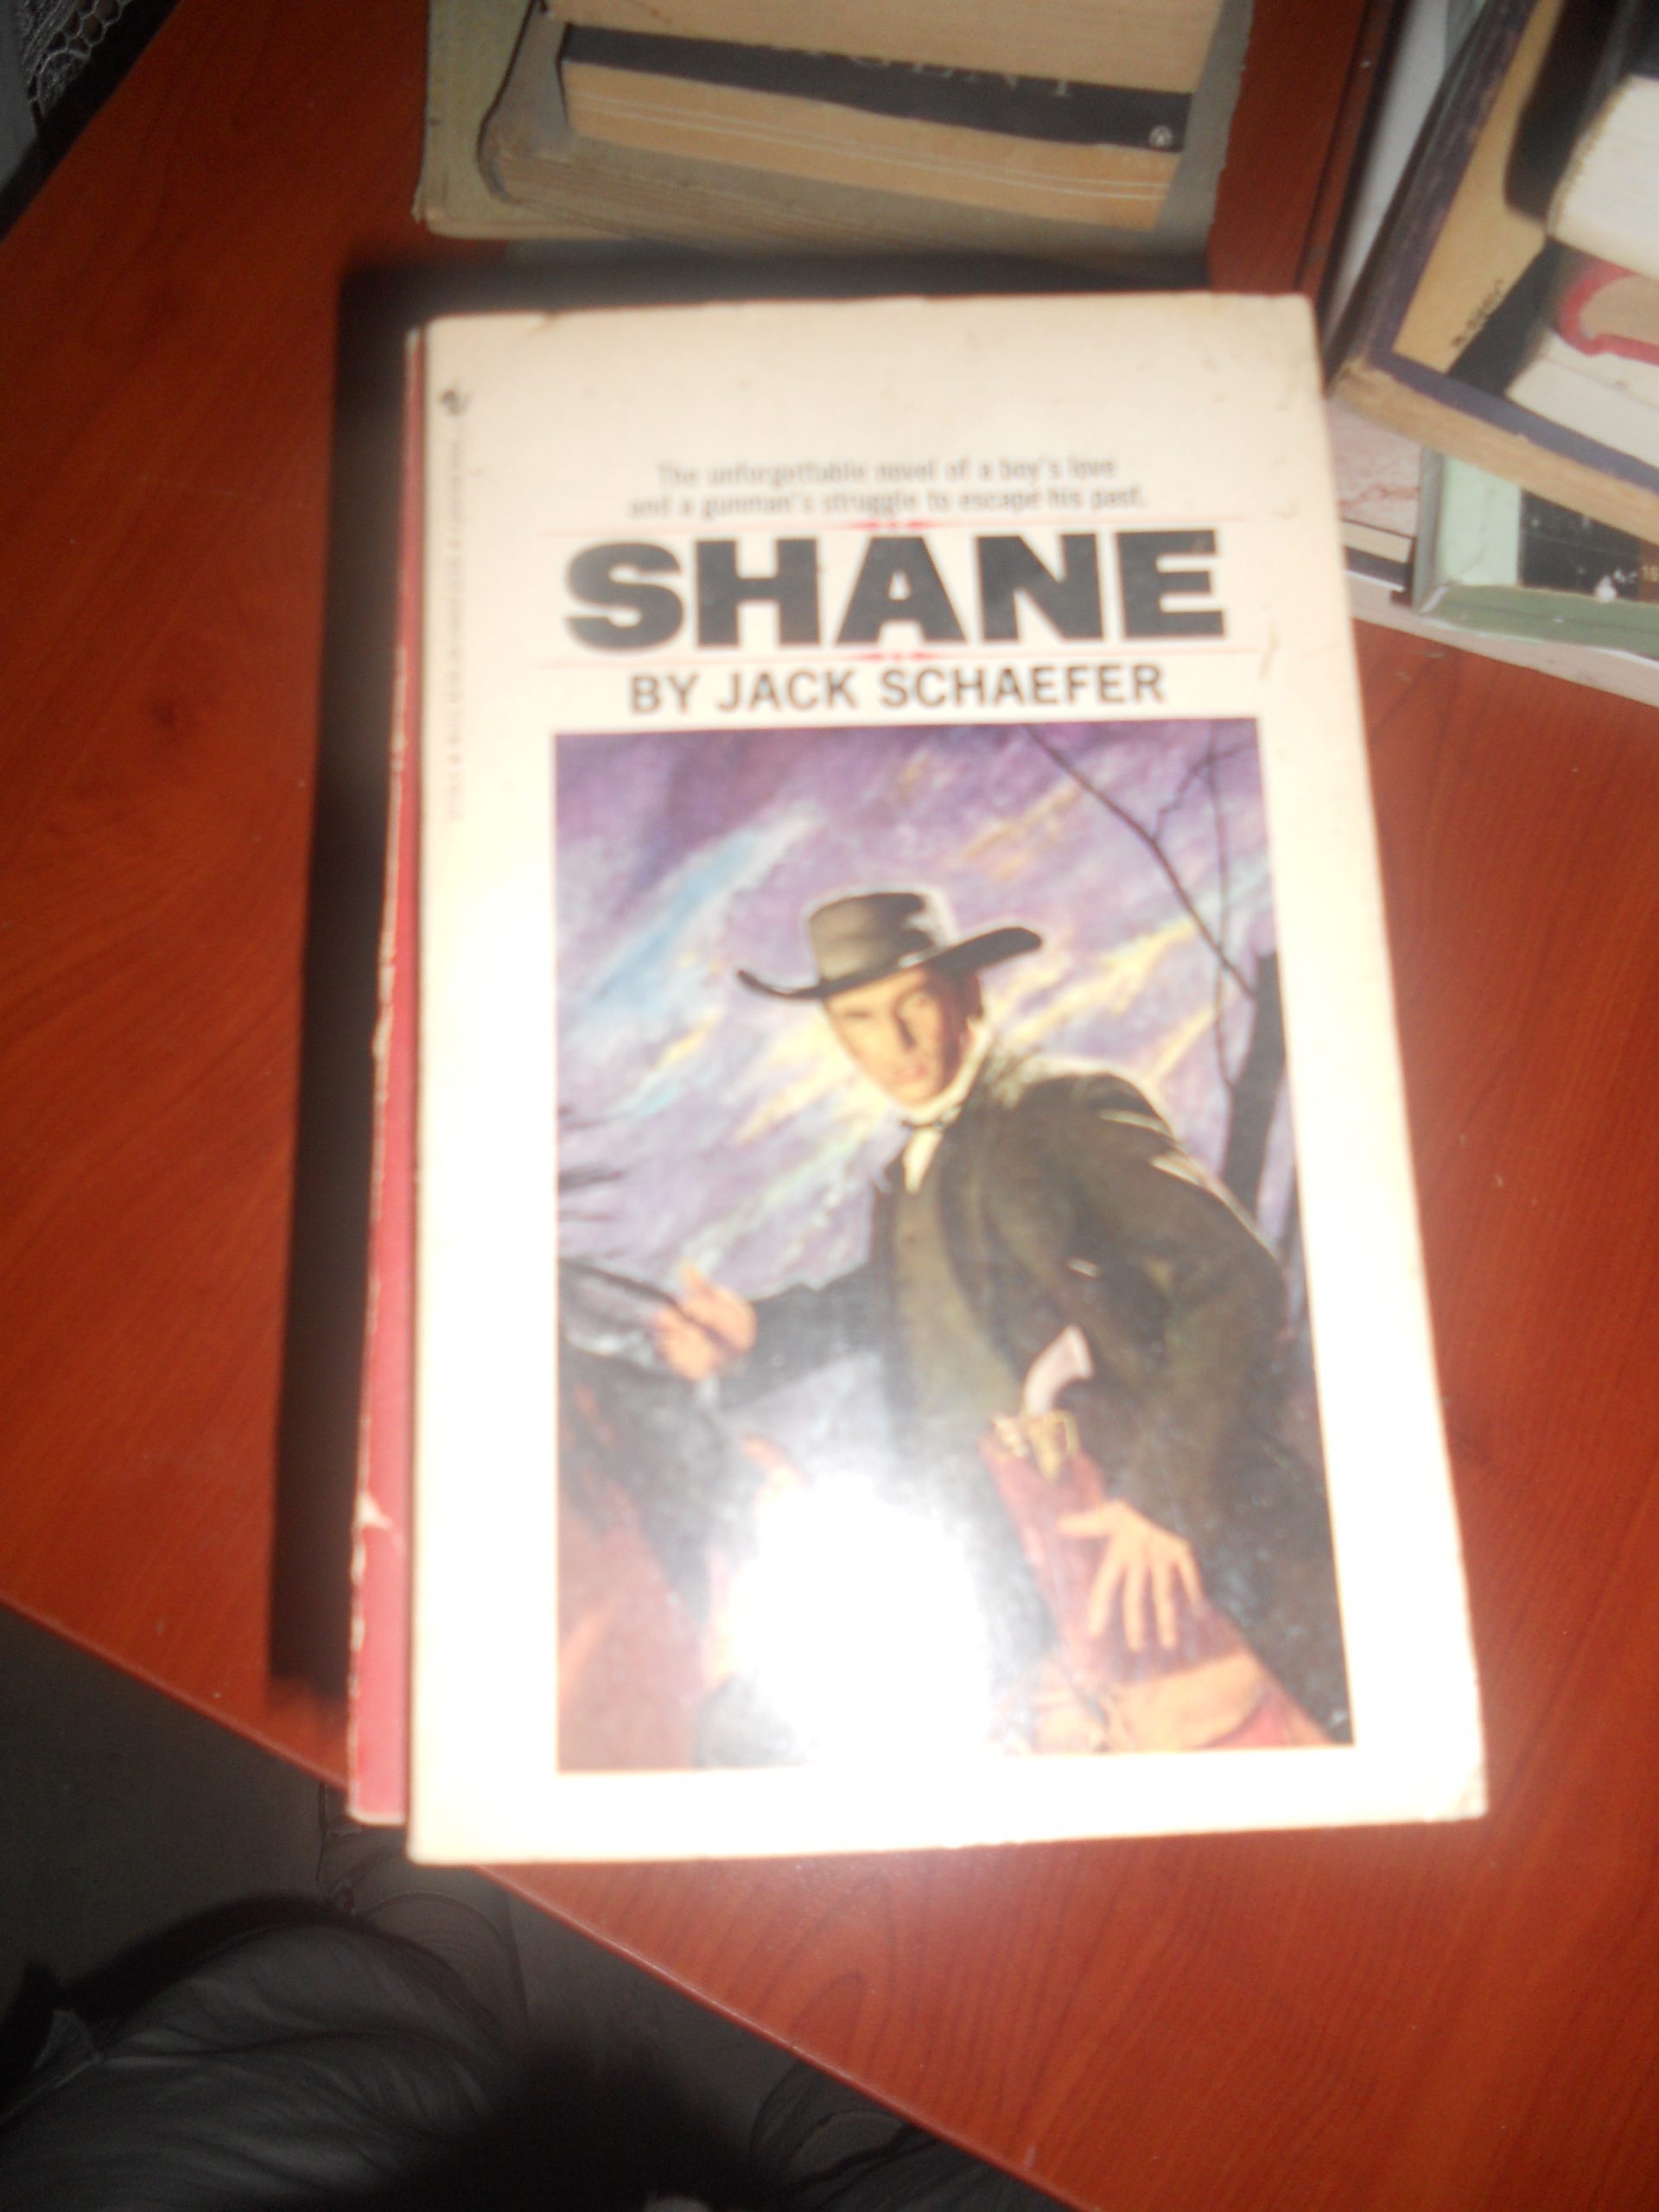 SHANE/by Jack Schaefer/10 tl